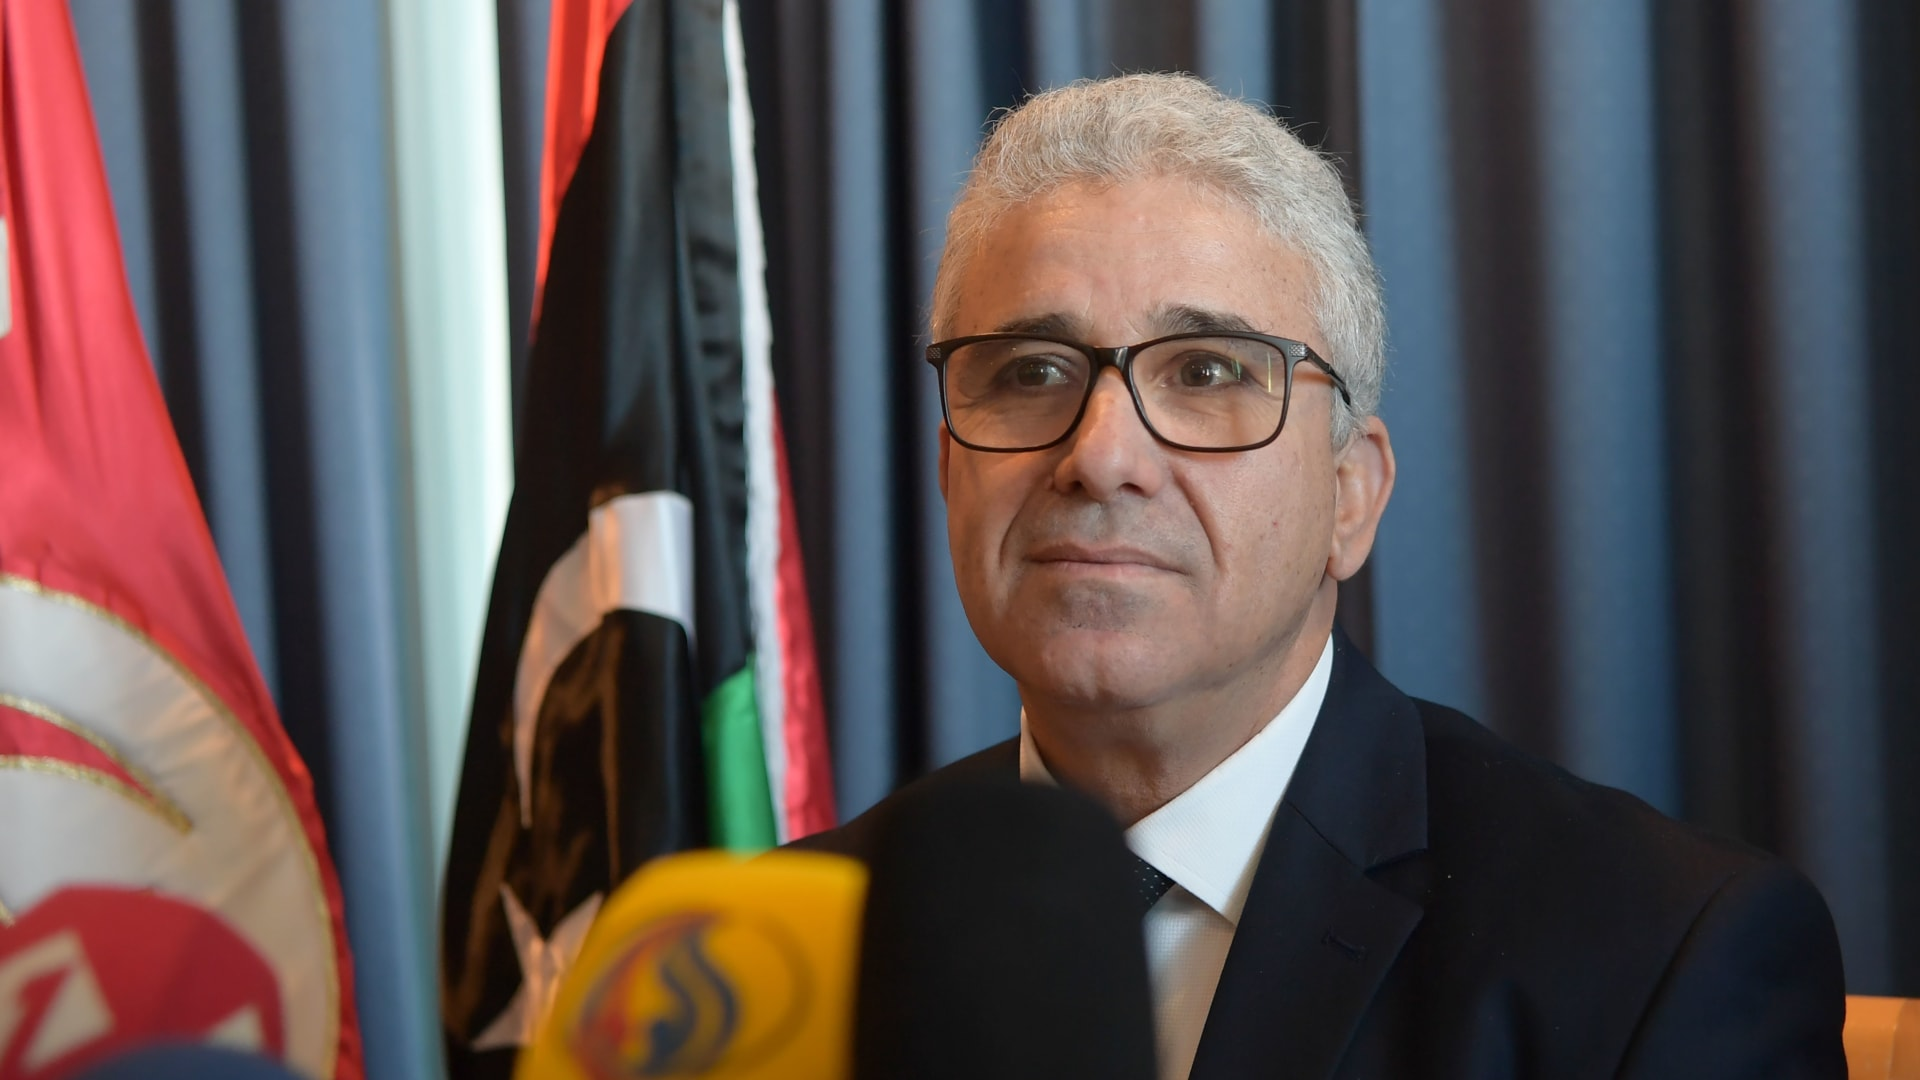 """تعرض وزير الداخلية الليبي فتحي باشاغا لـ""""محاولة اغتيال"""".. وواشنطن تدين الهجوم"""